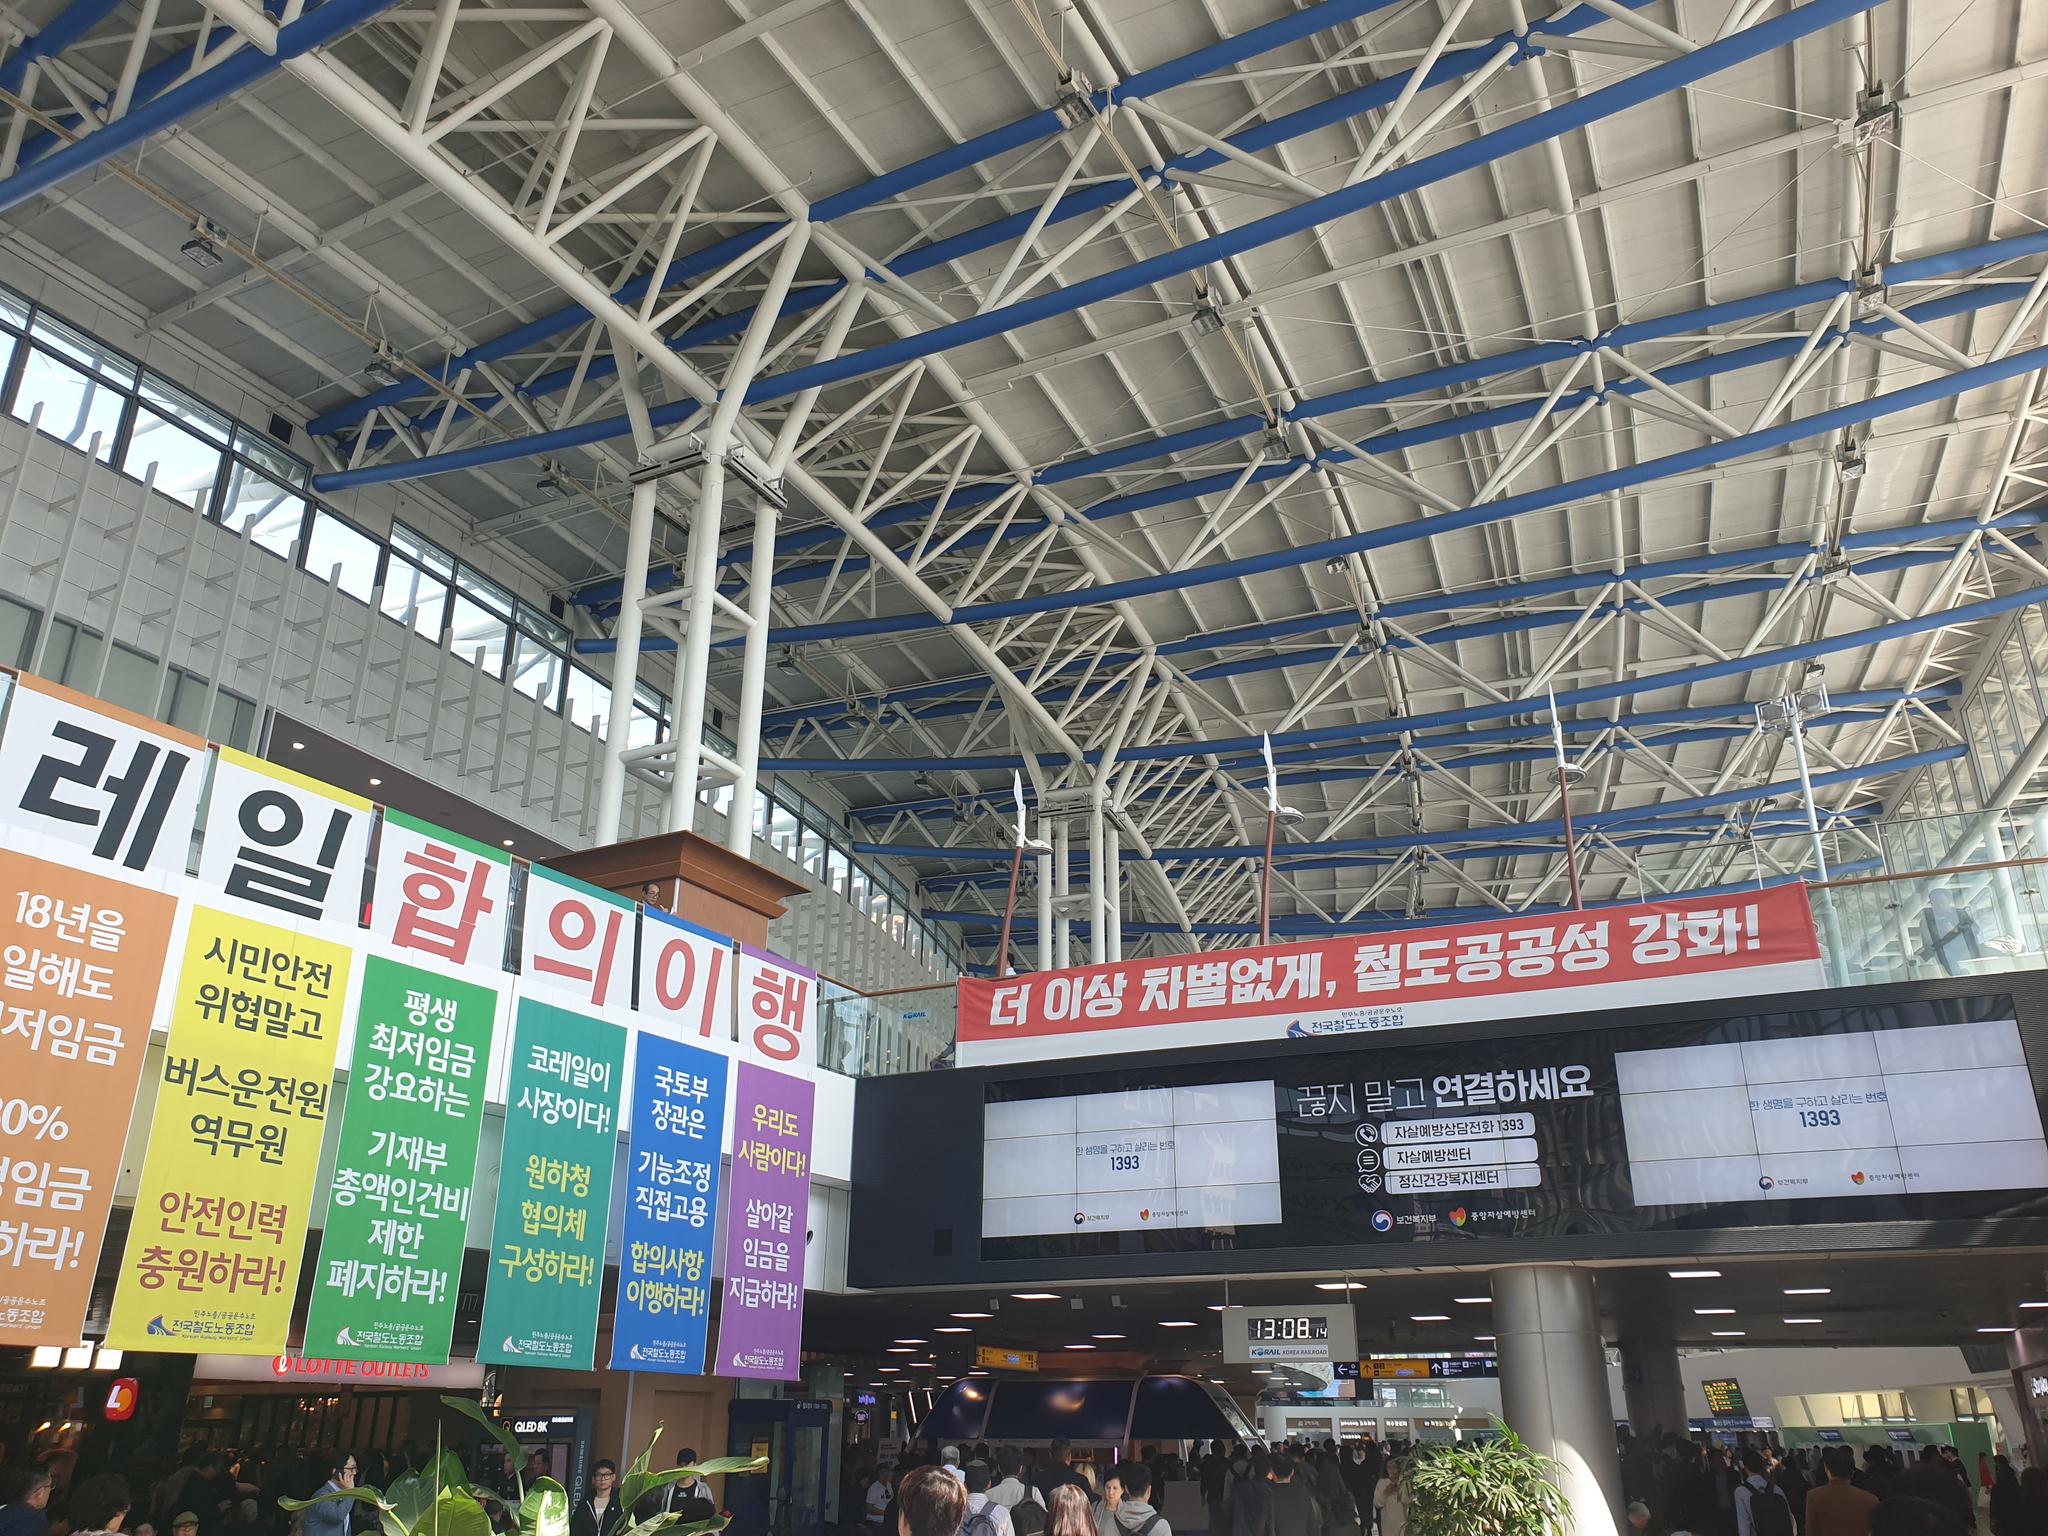 철도노조는 11일 오전 9시부터 14일 오전 9시까지 3일간 시한부 파업을 벌였다. [중앙포토]